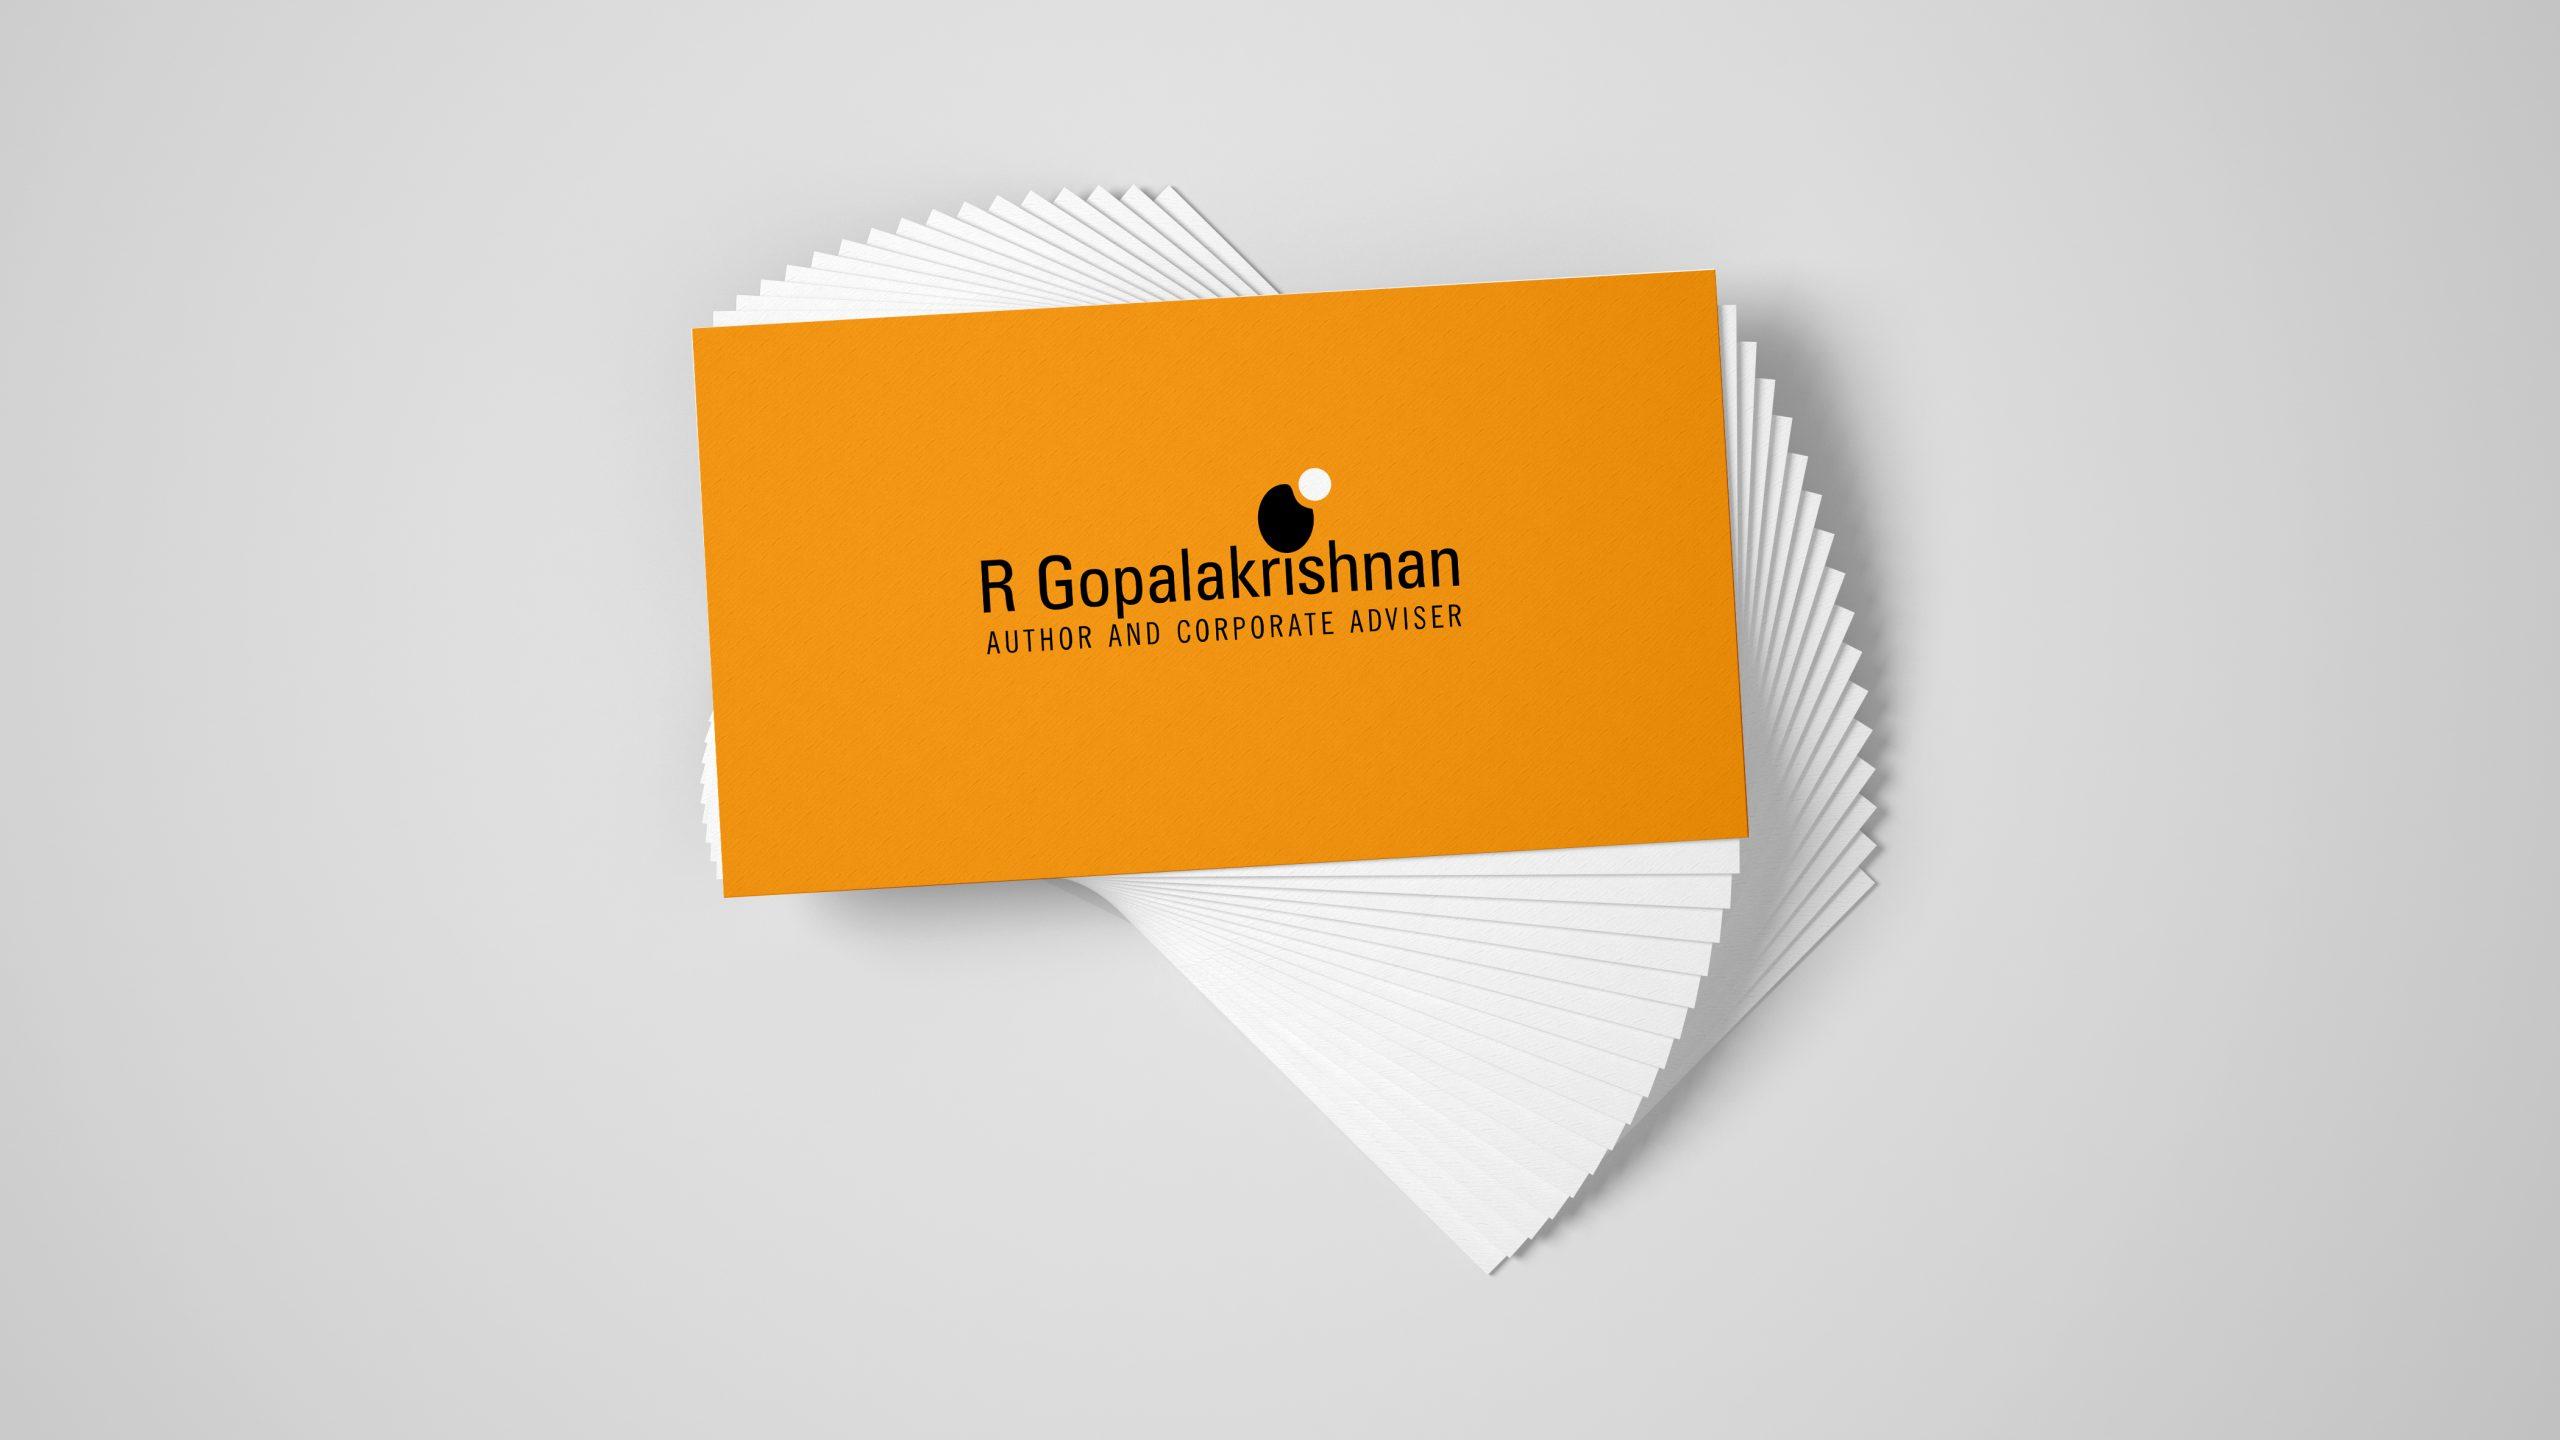 R Gopalakrishanan - Author & Corporate Adviser